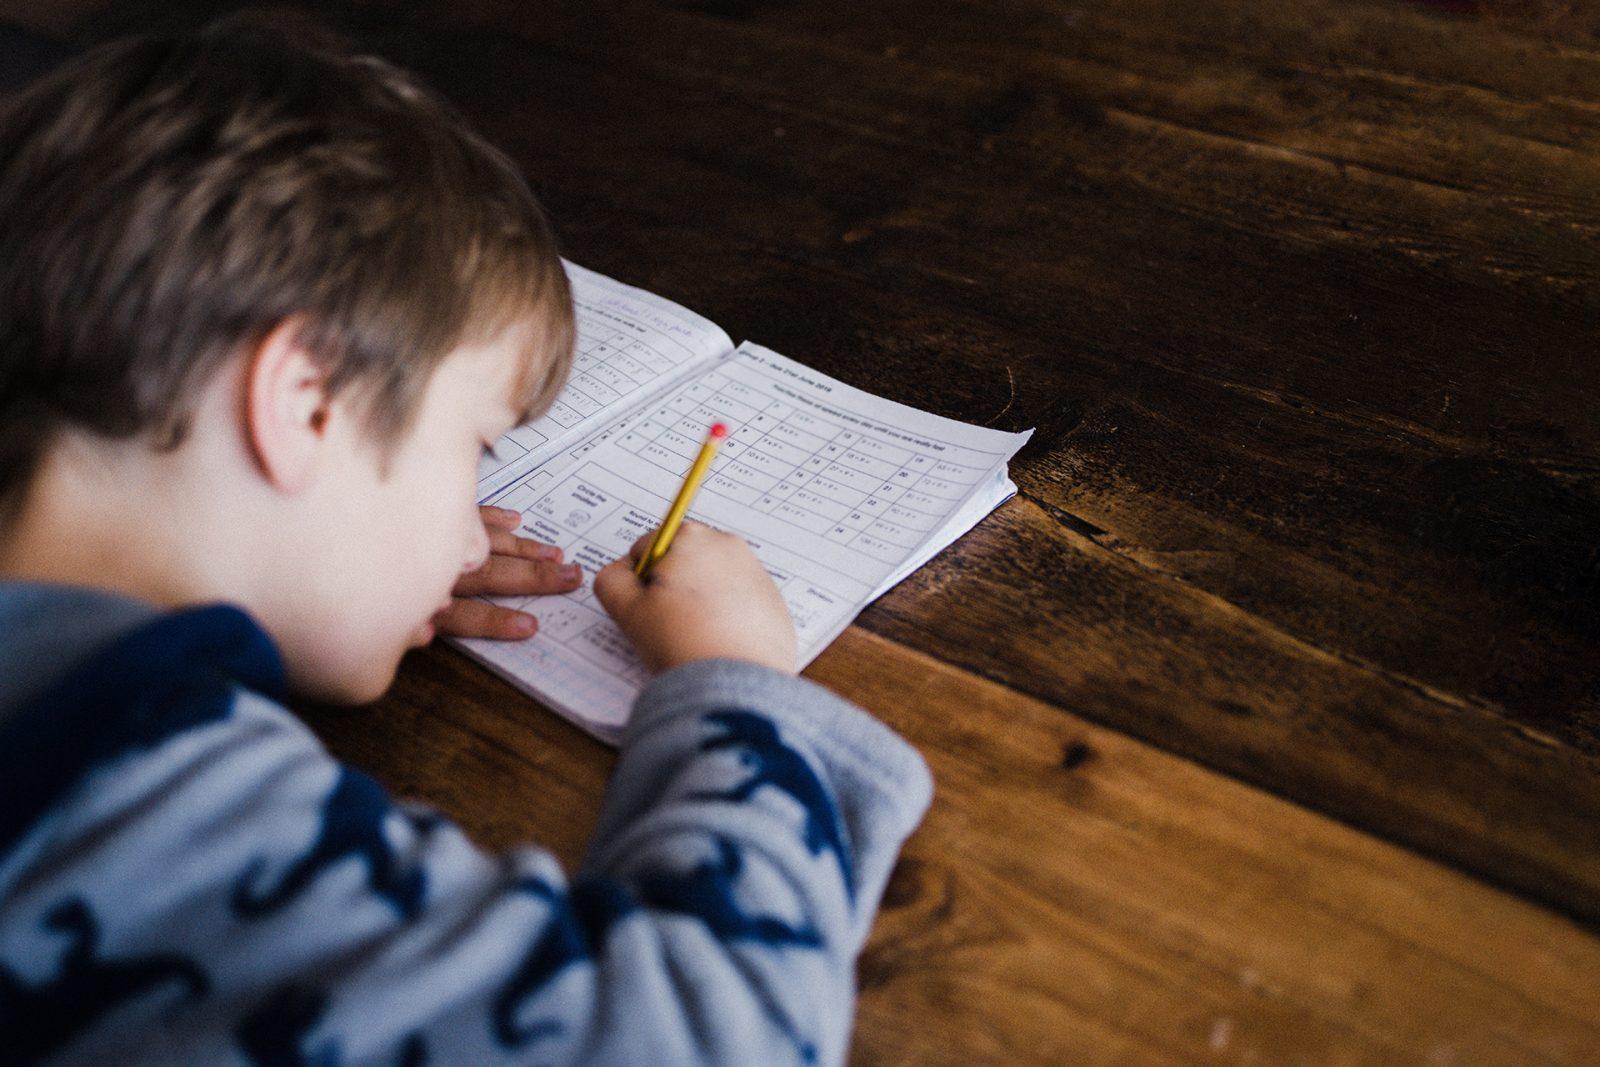 Poika tekee läksyjä